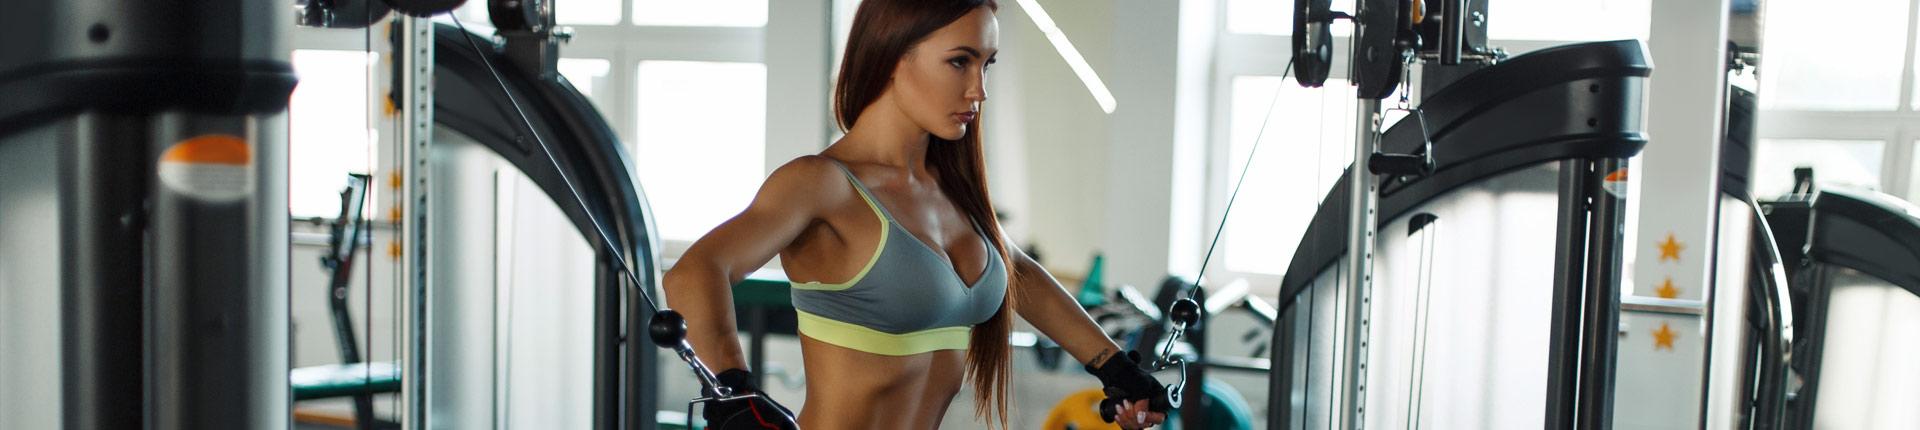 Redukcja tkanki tłuszczowej - kiedy czas na spalacz?